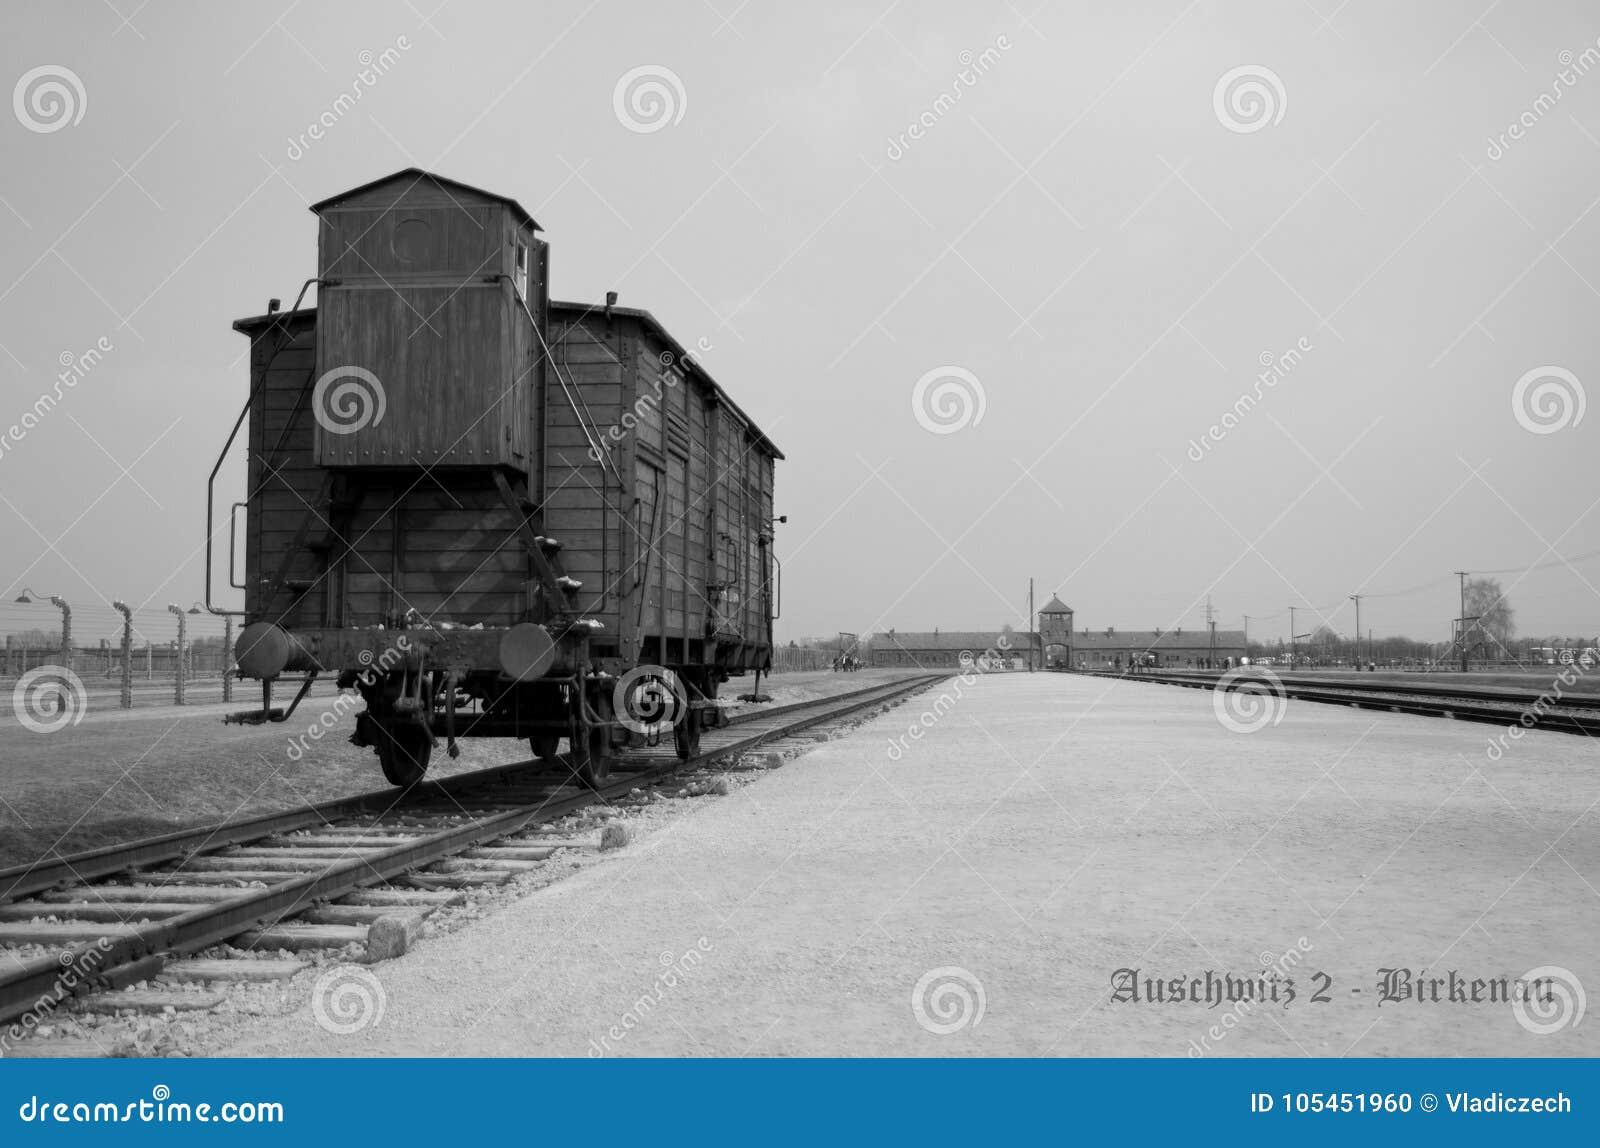 Железнодорожная платформа с экипажом, тренер на концентрационном лагере Oswiecim читает Освенцим 2 - Birkenau